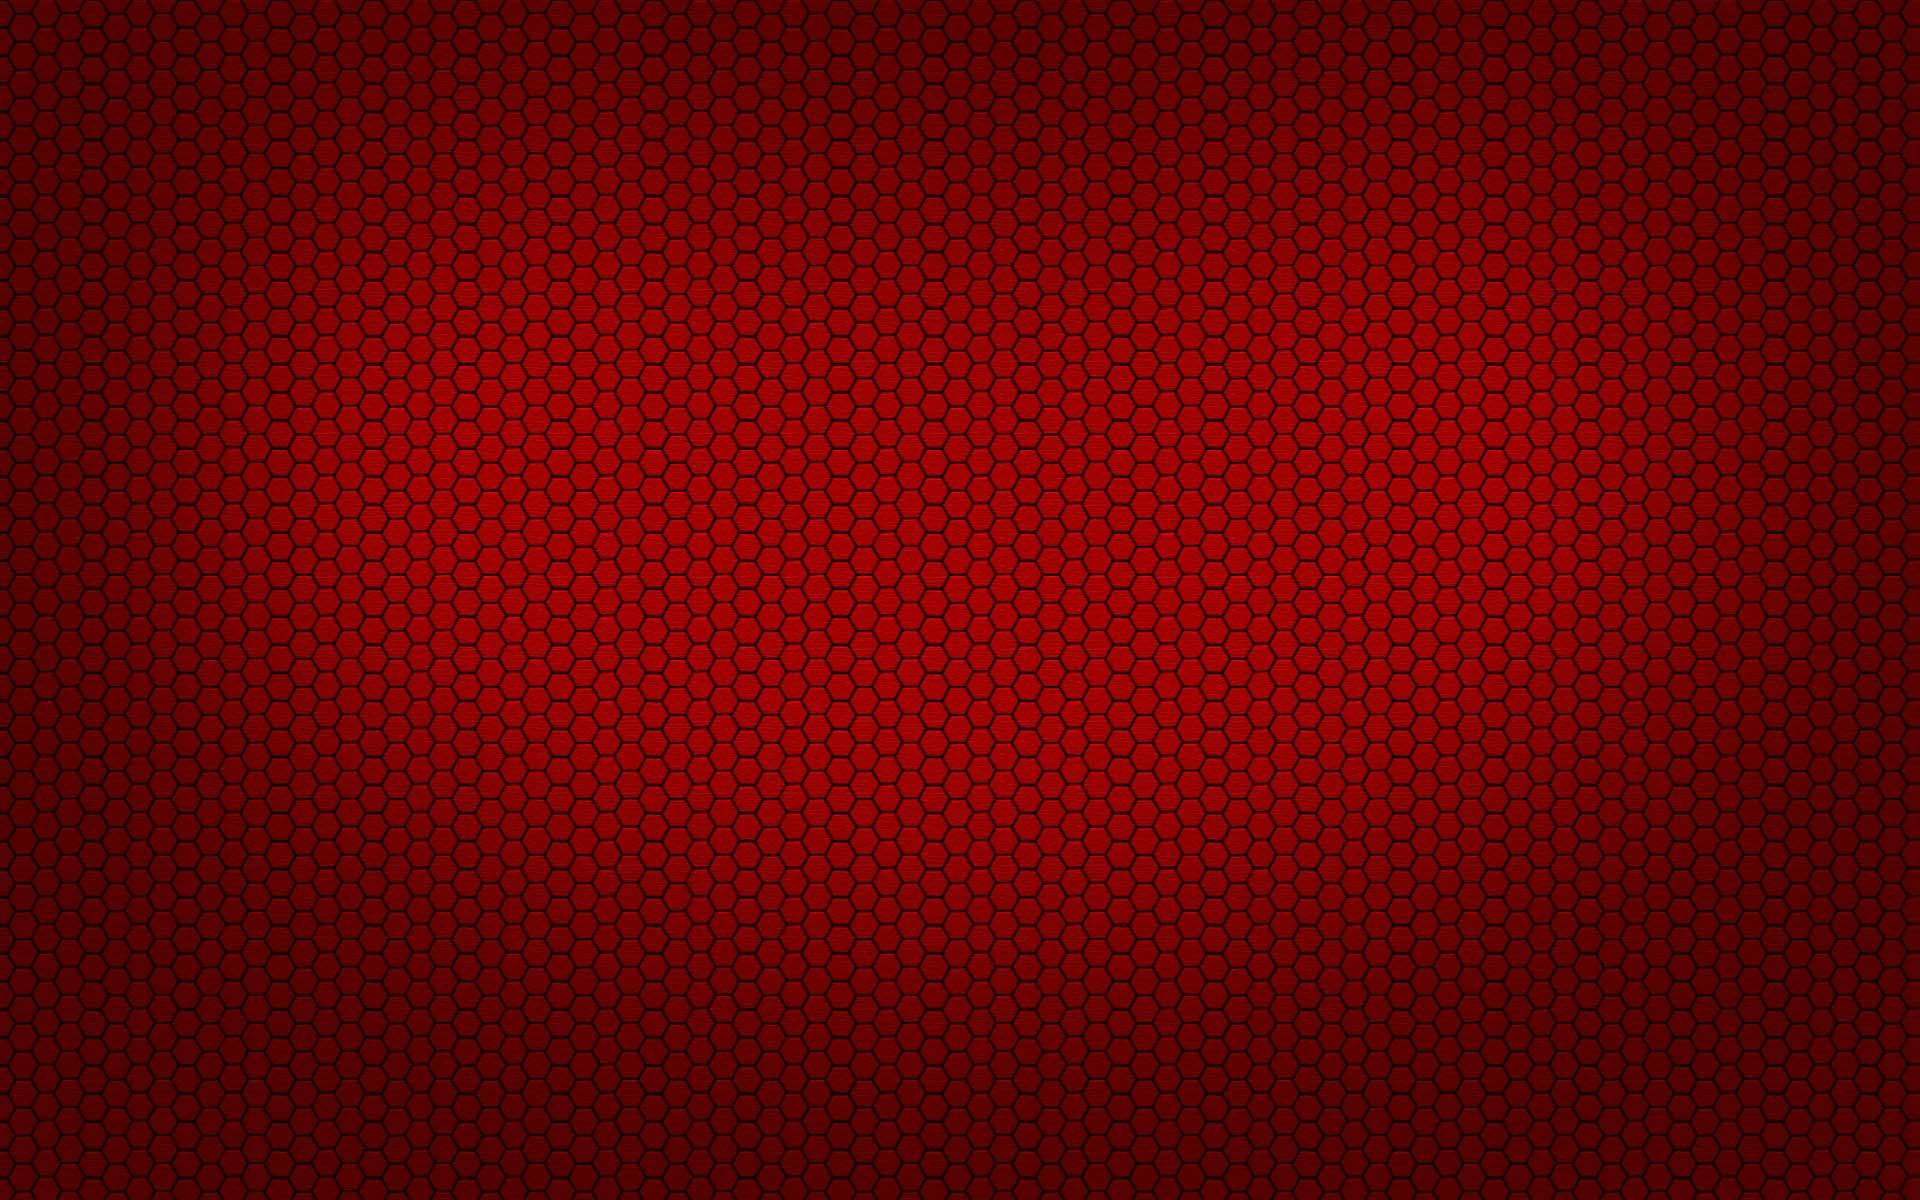 Textured Desktop Wallpapers